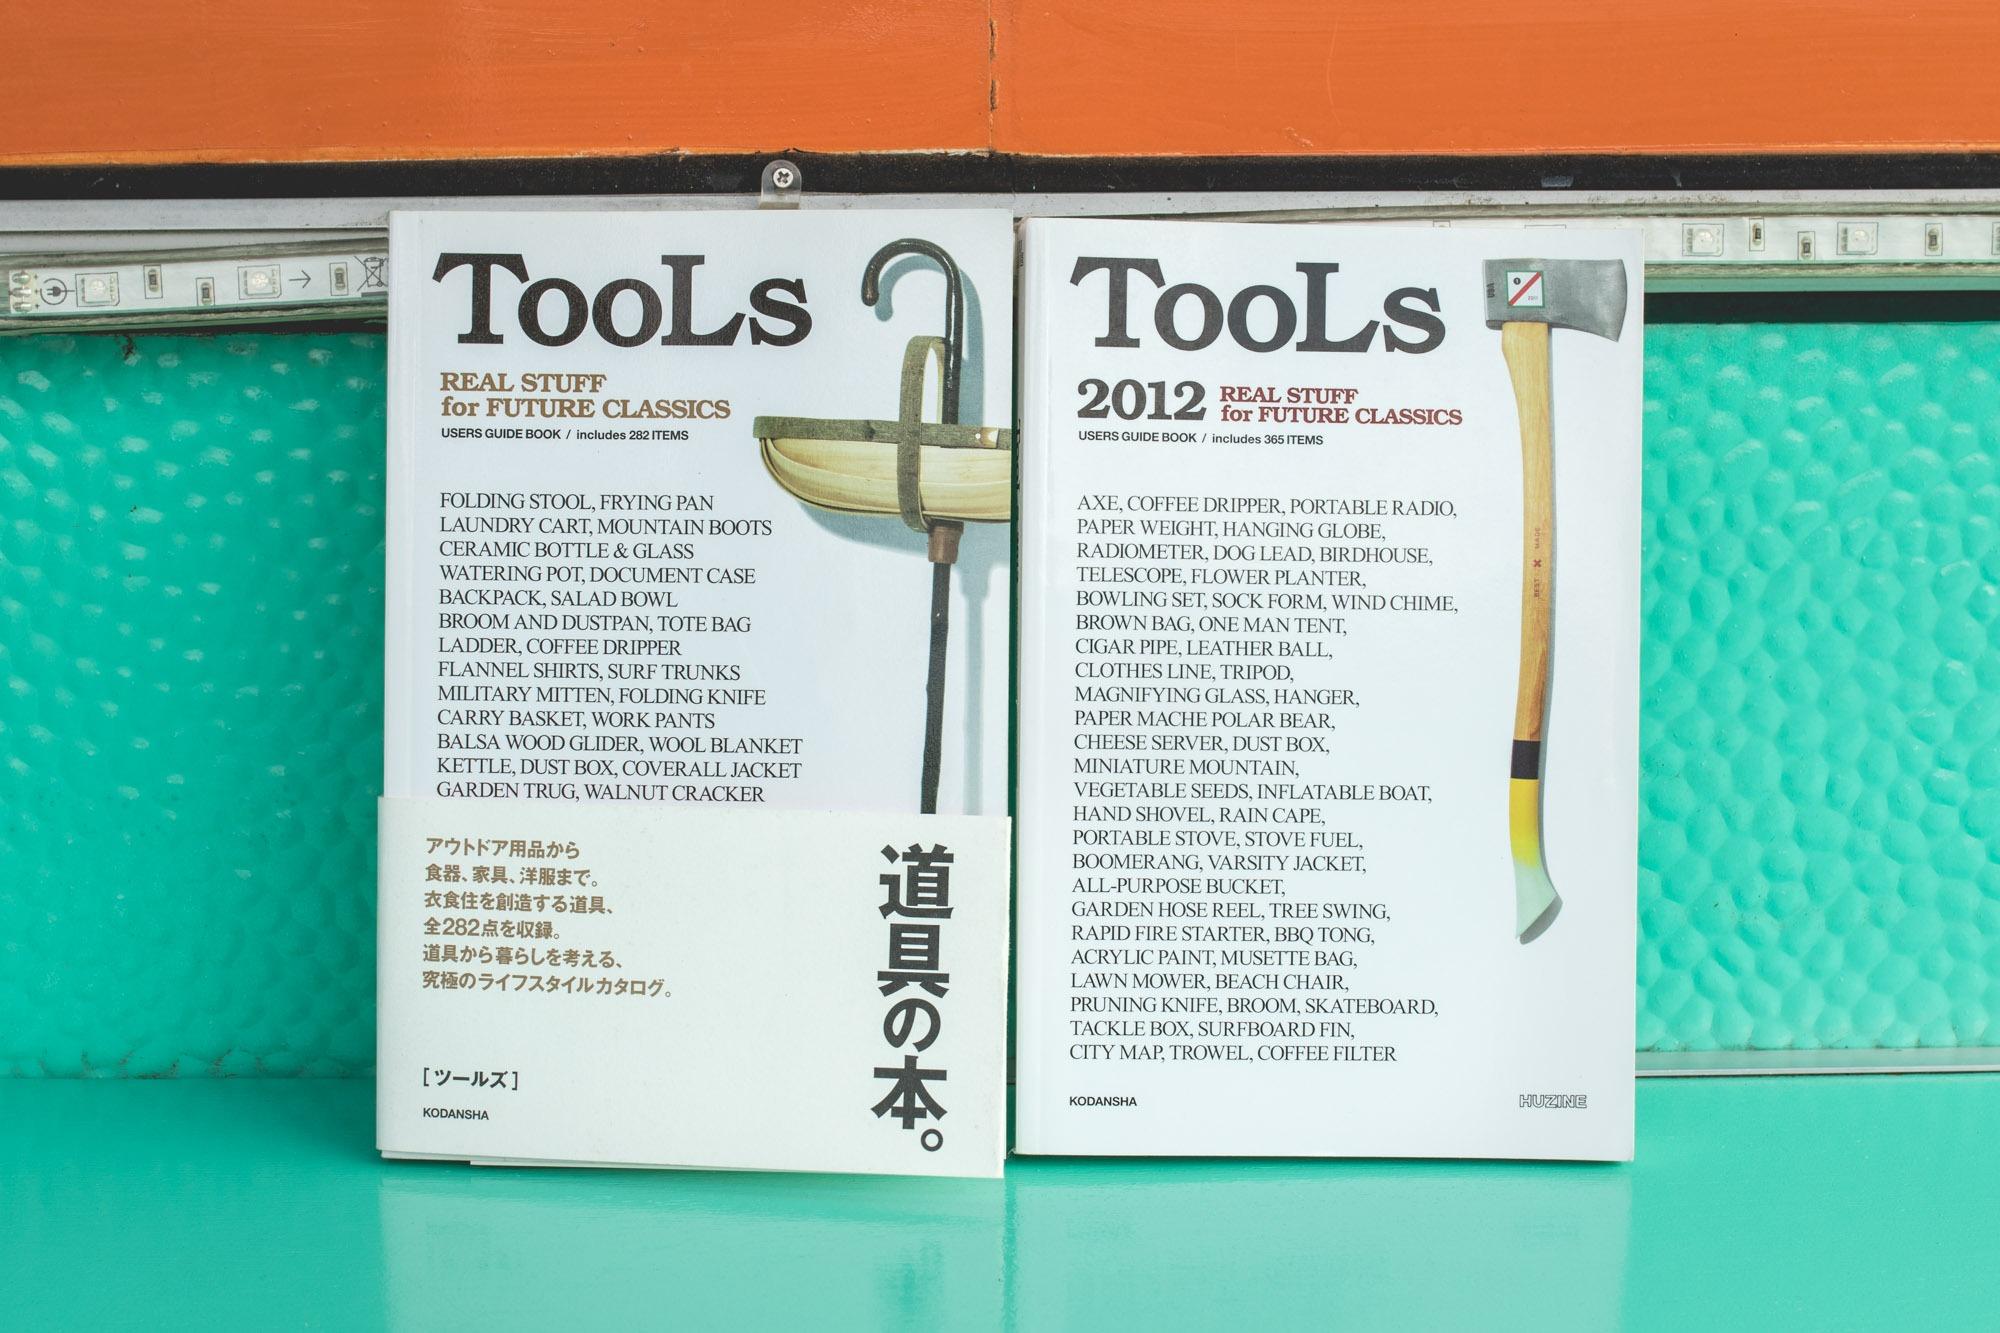 Livre Tools : Real Stuff for Future Classics